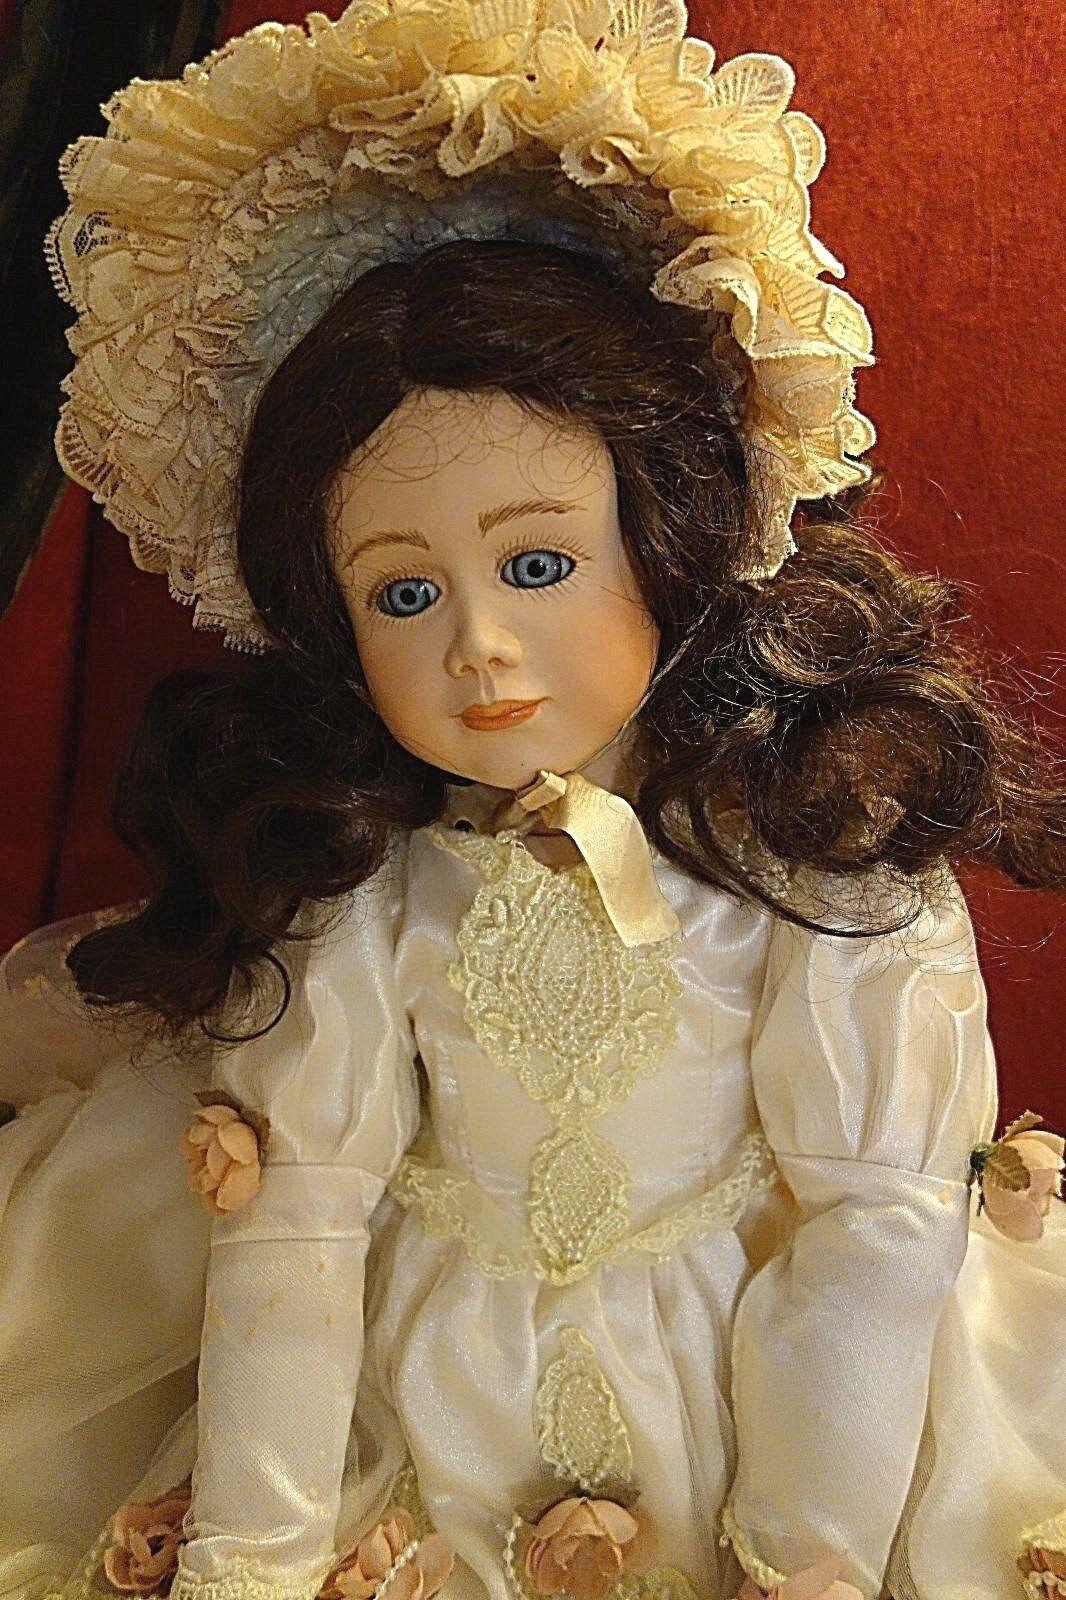 Artisti da Sogno Bambola pezzo unico fatto a mano V. Ingrid till uomo di porcellana